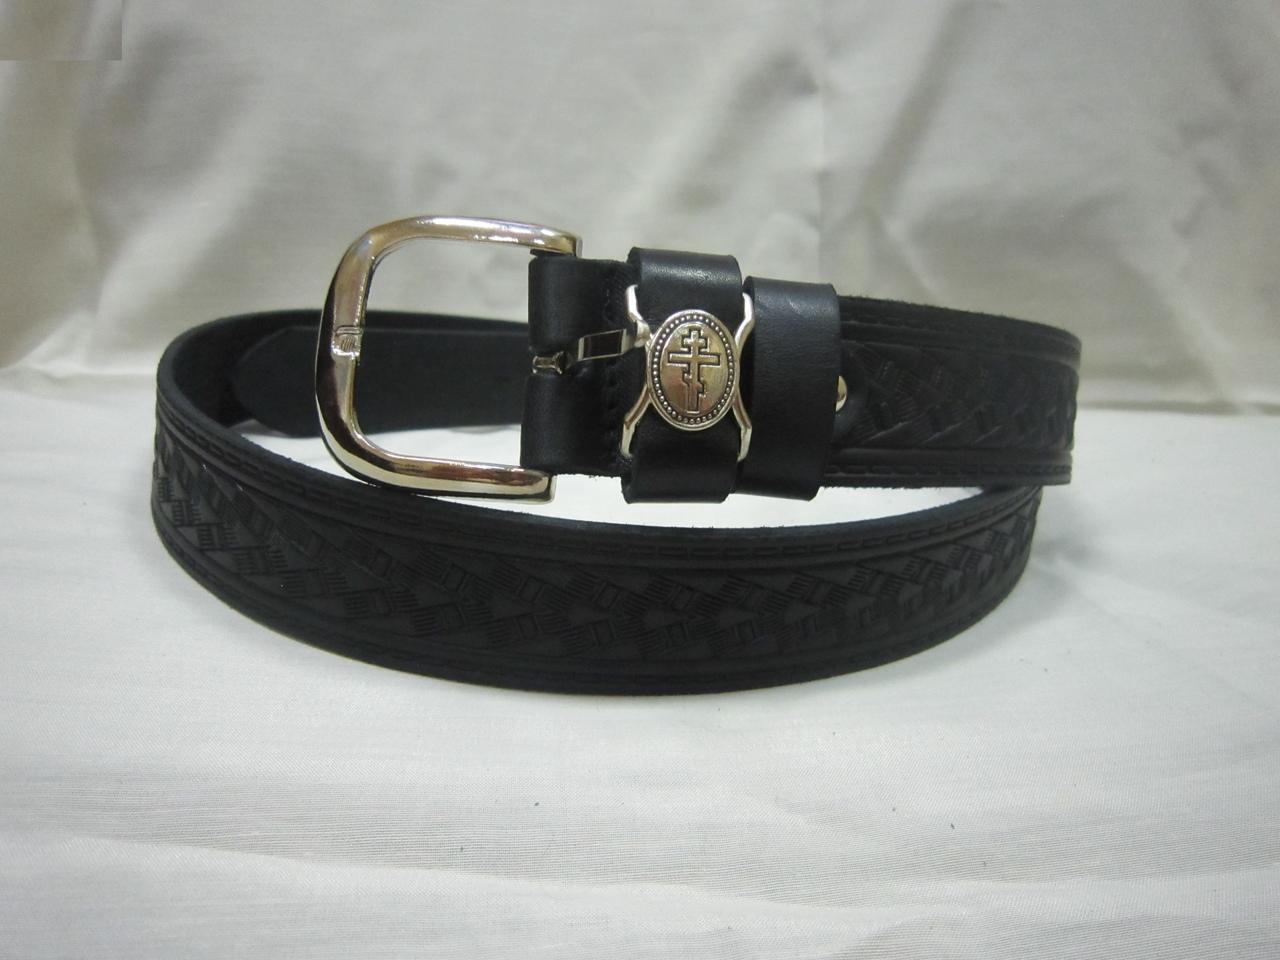 c901b5cf0e29 Купить Ремень кожаный черный 35 мм, мужской с кожанным бегунком ...